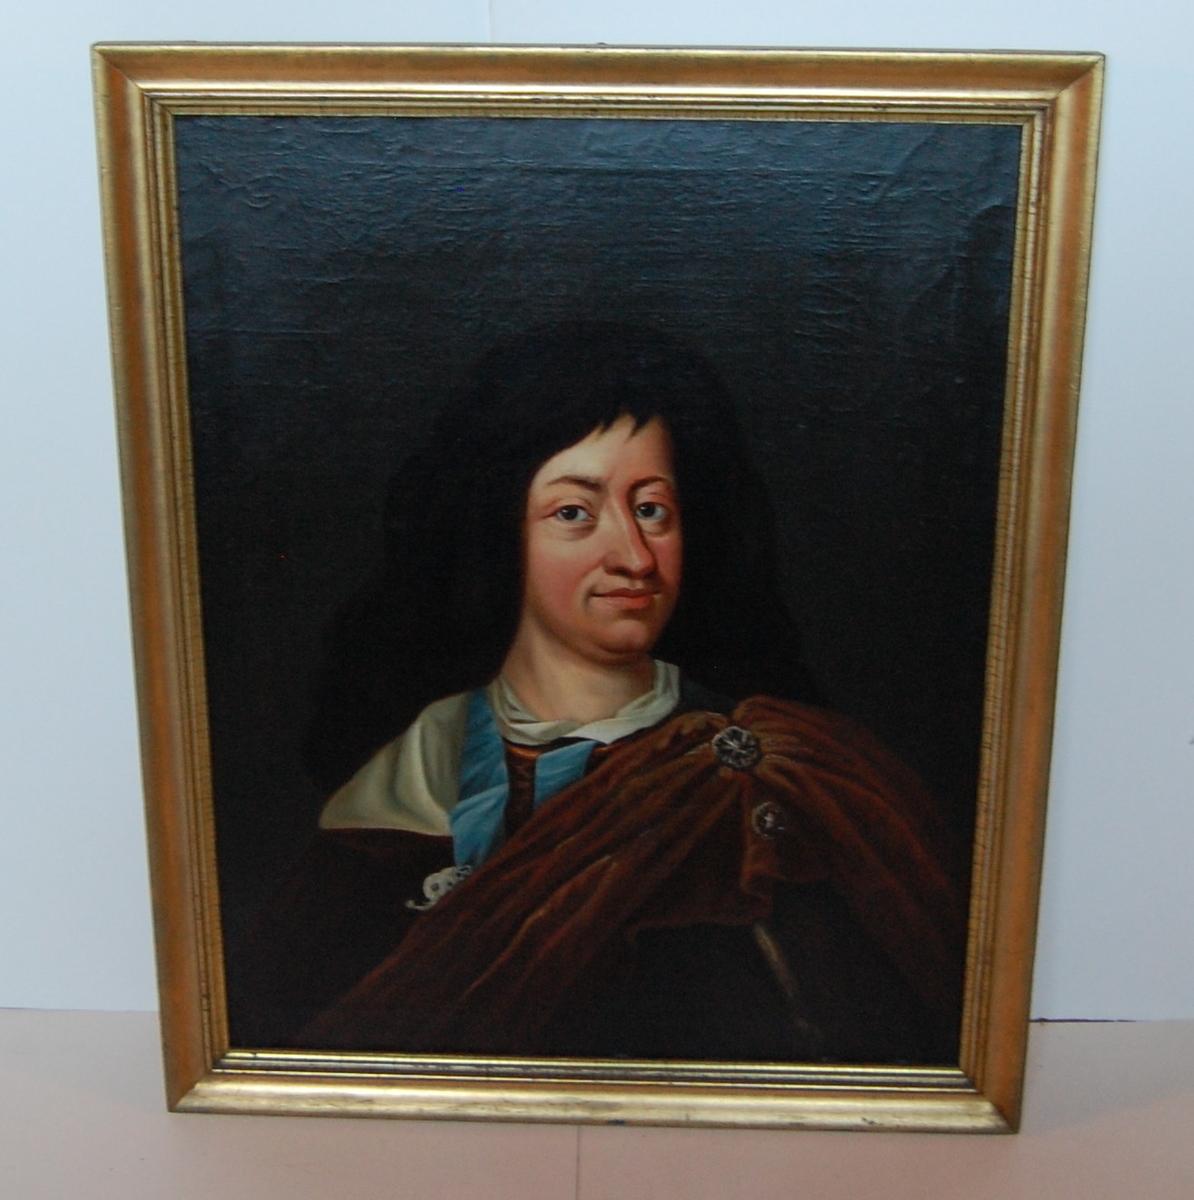 Olje på lerret, forgylt profilert ramme, portrett av yngre mann med sort hår, kappe over venstre skulder, Christian V.?